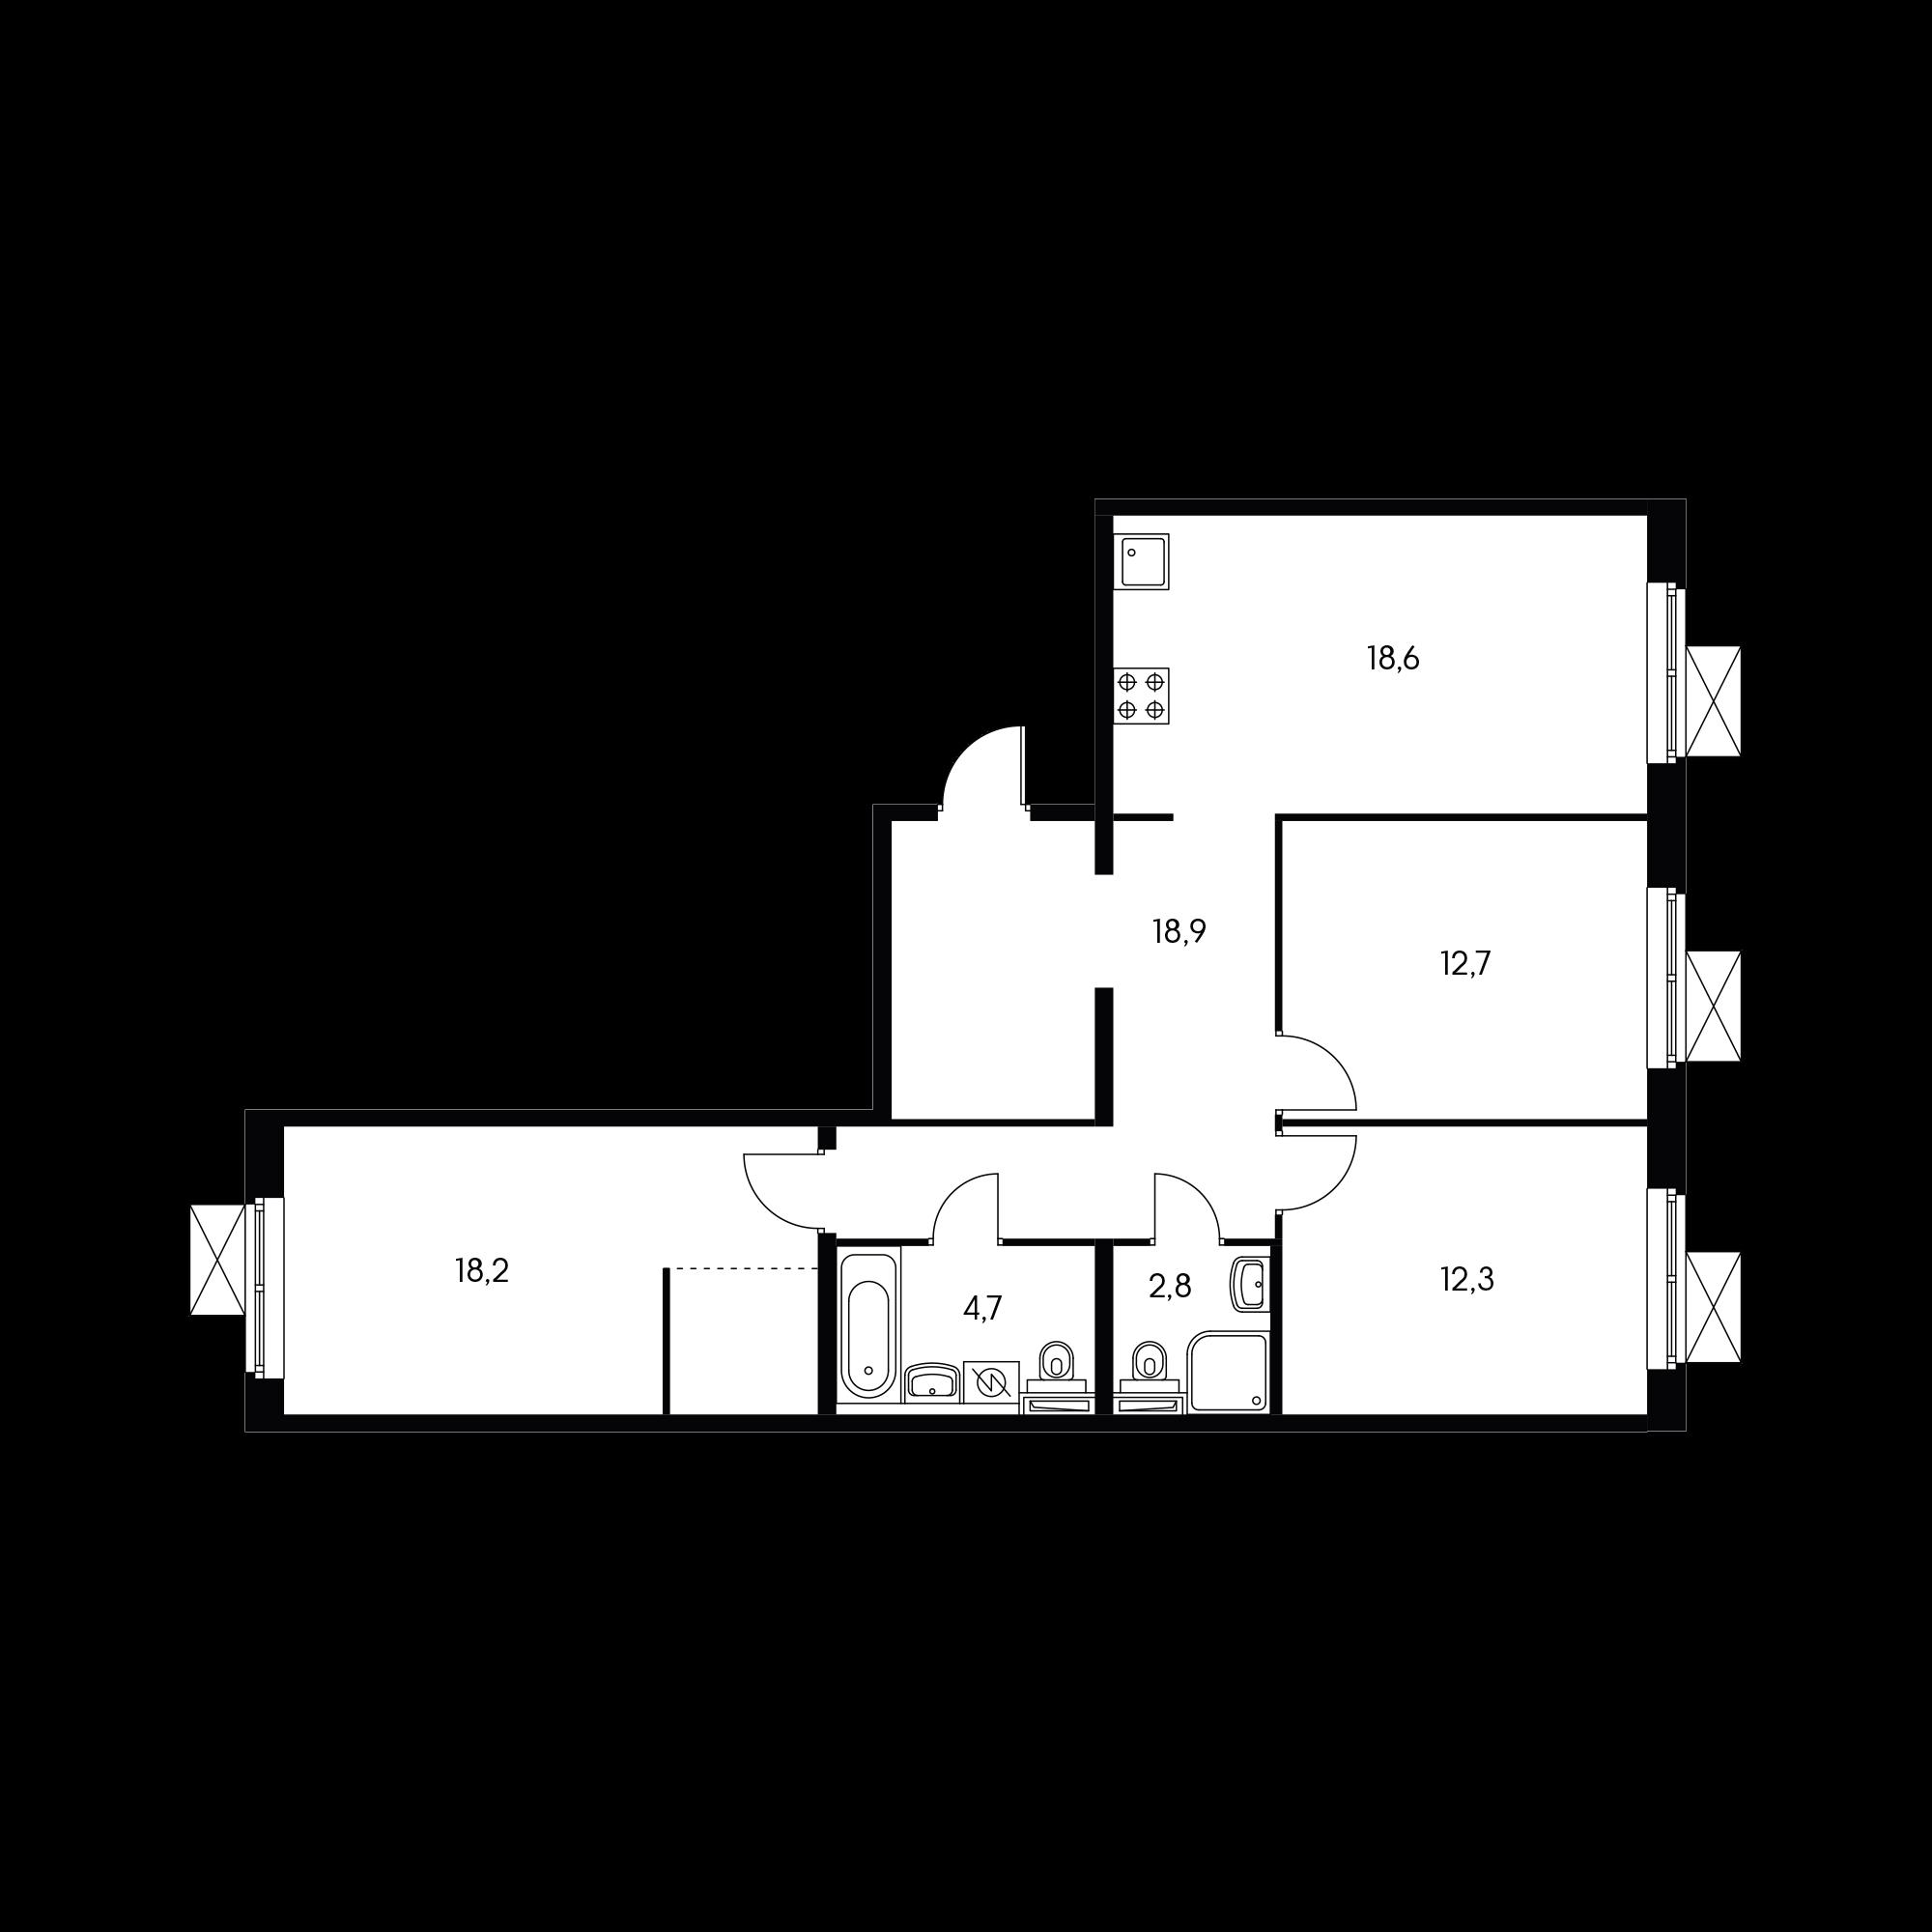 3EL3_9.9-1_S_Z